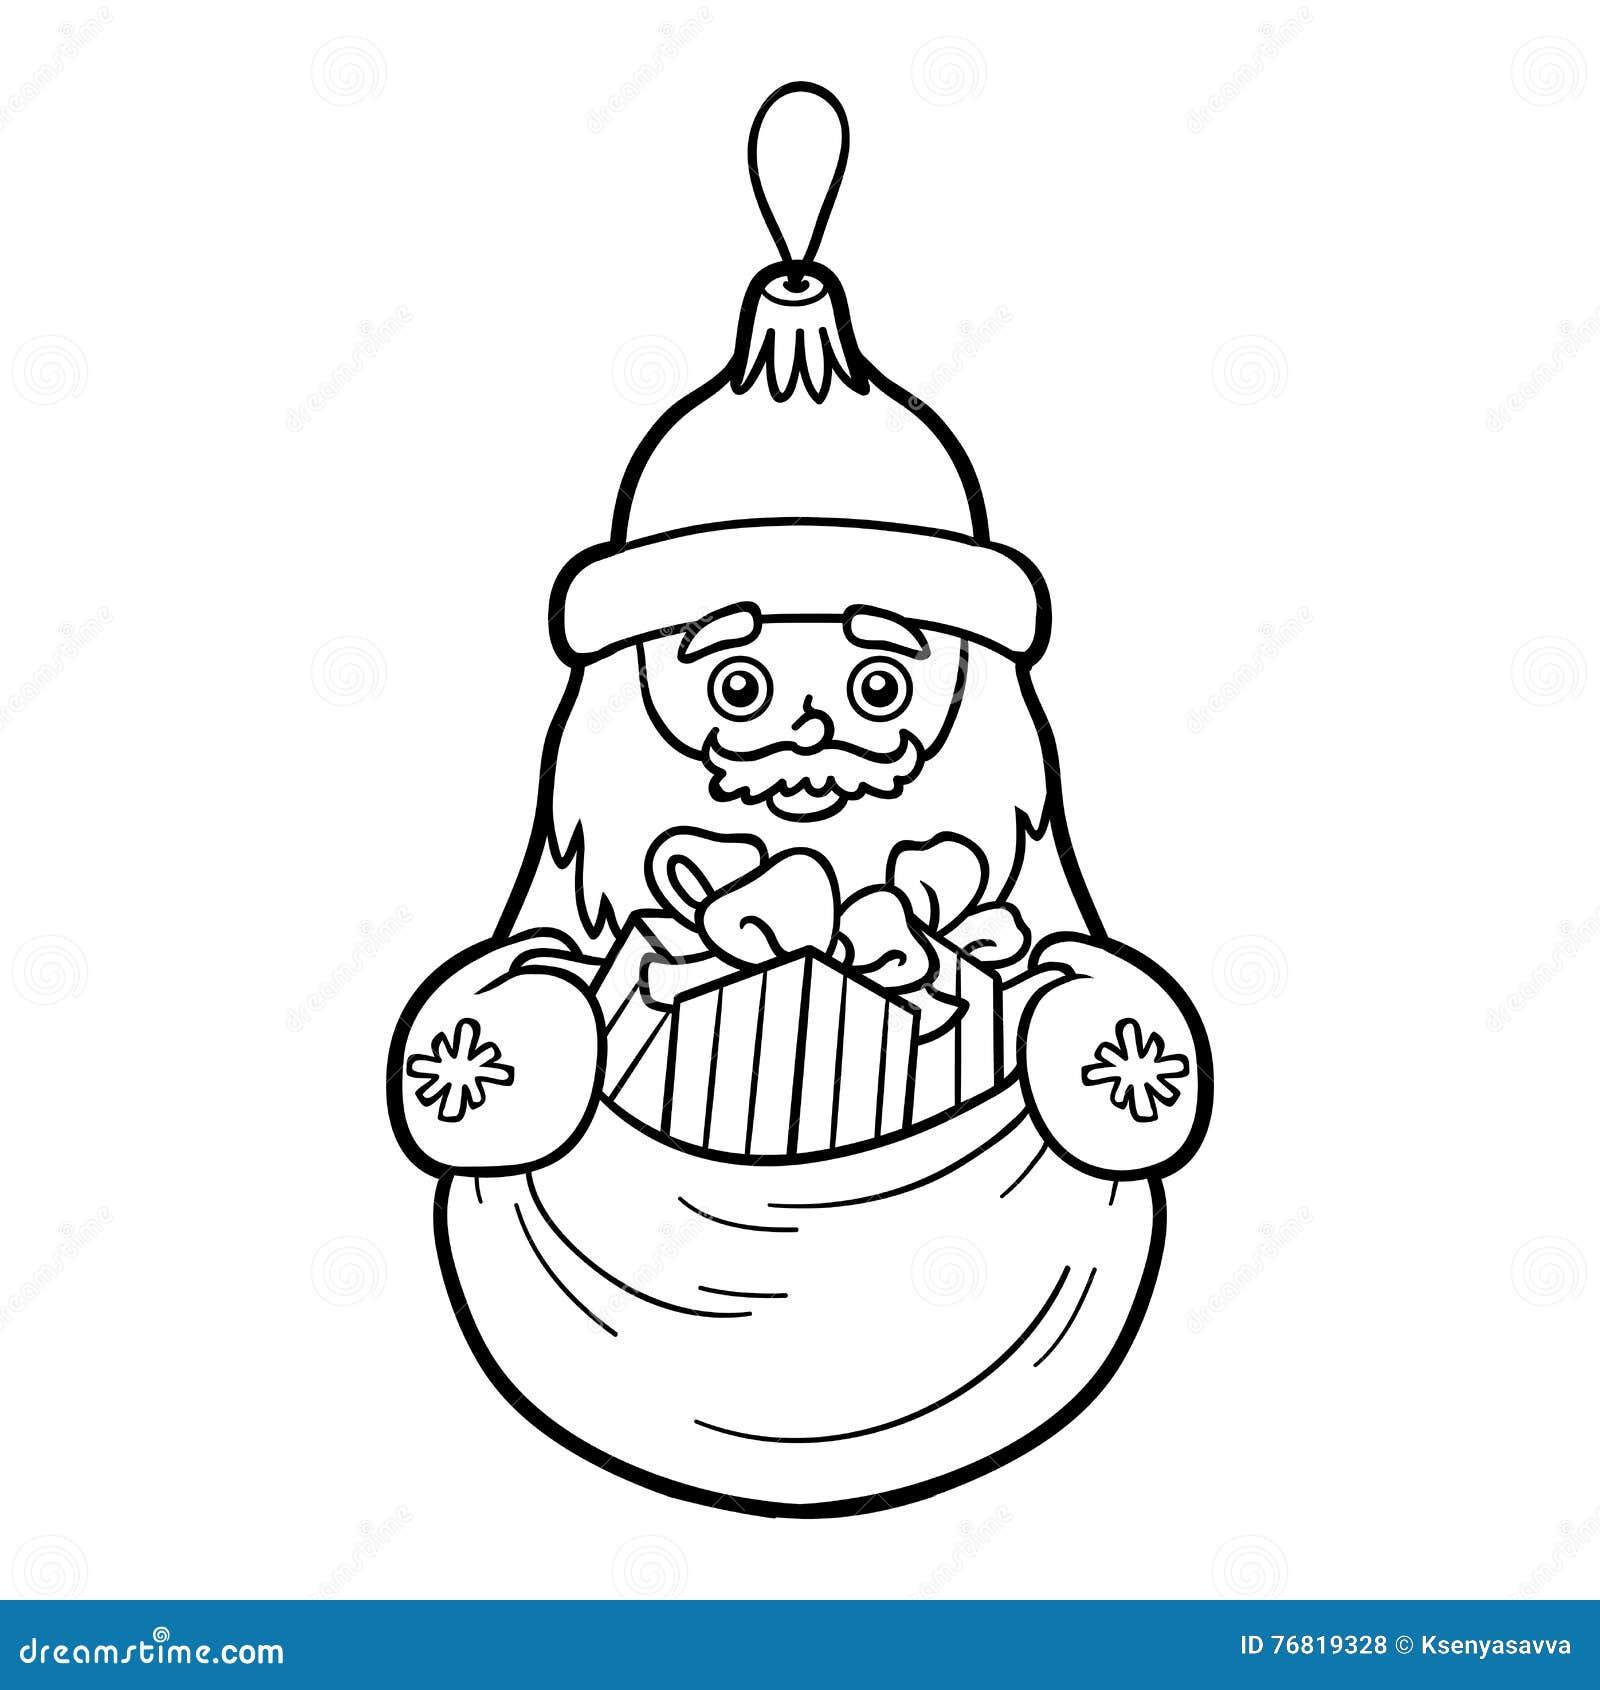 Arbre Pour Coloriage.Livre De Coloriage Jouet D Arbre De Noel Santa Claus Illustration